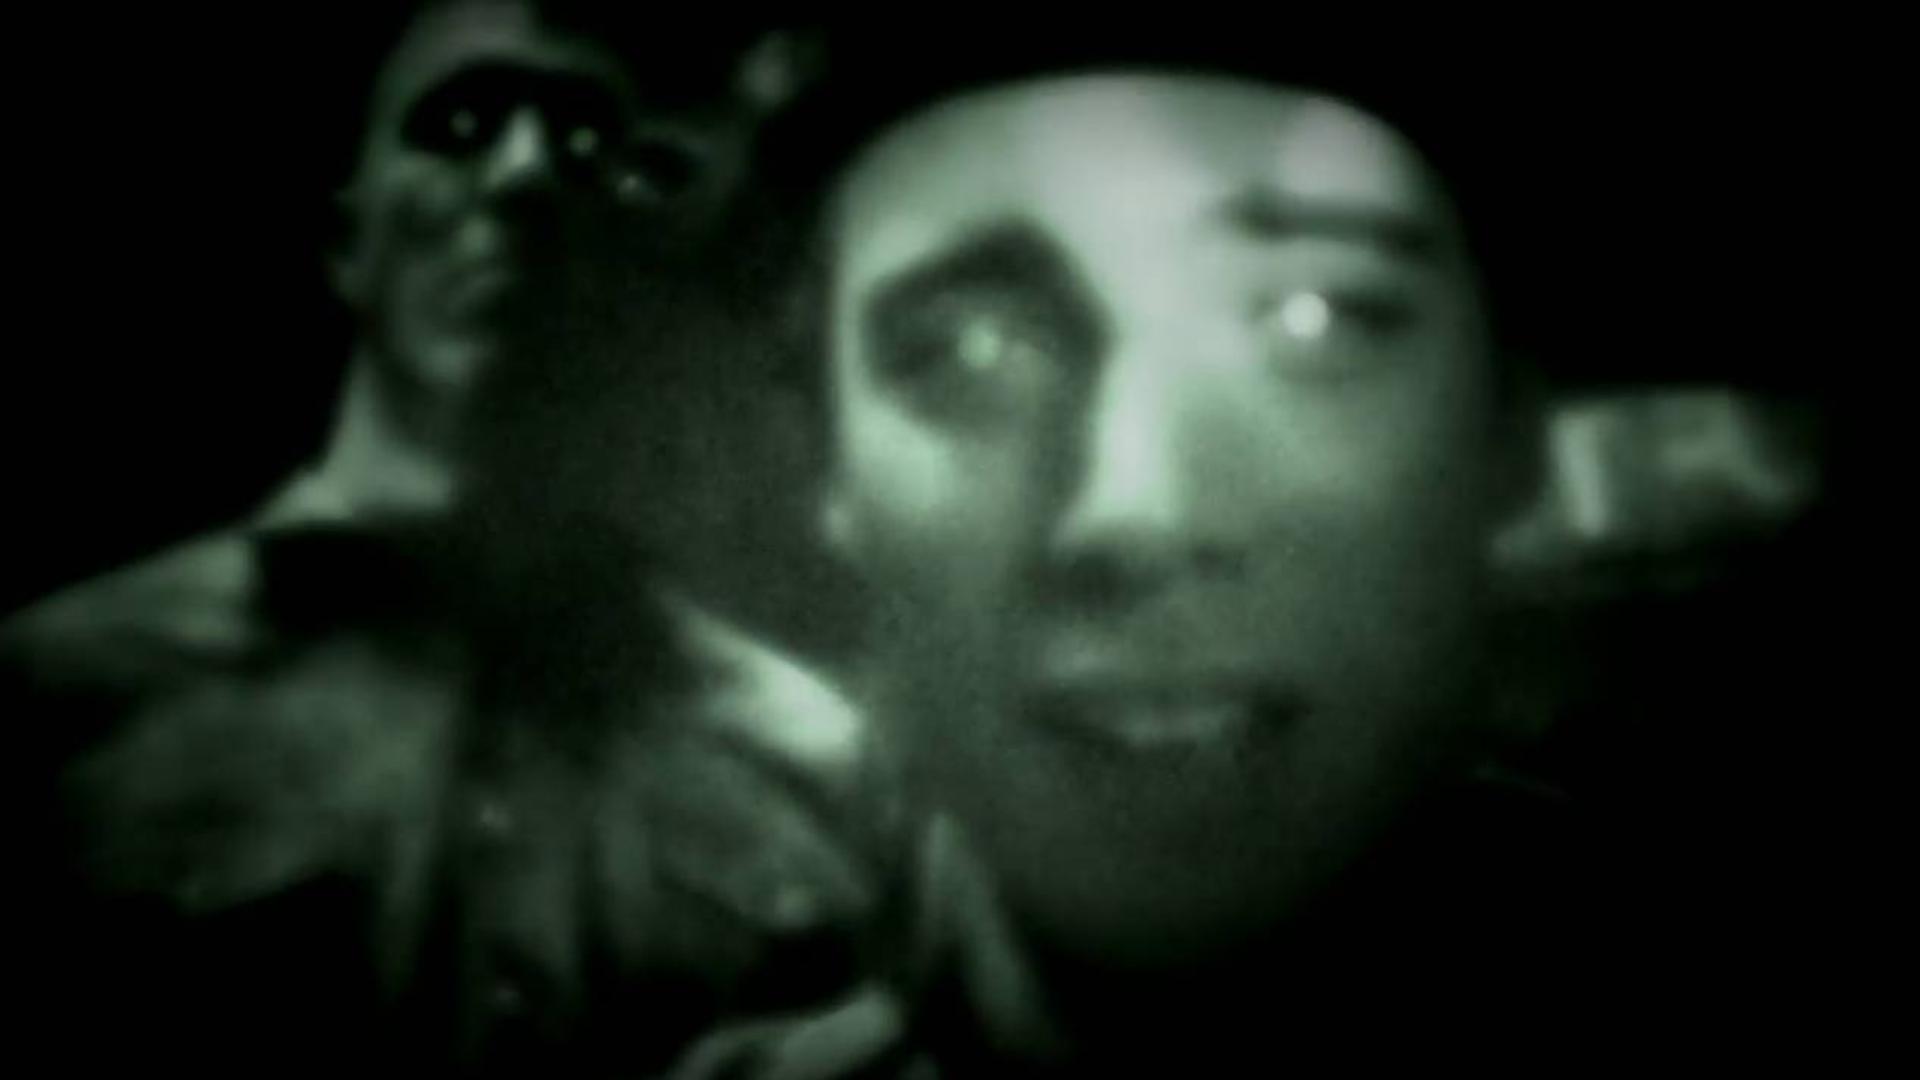 美剧《邪恶力量》第三季13:逗逼青年去鬼屋探险,结果真的遇到鬼魂